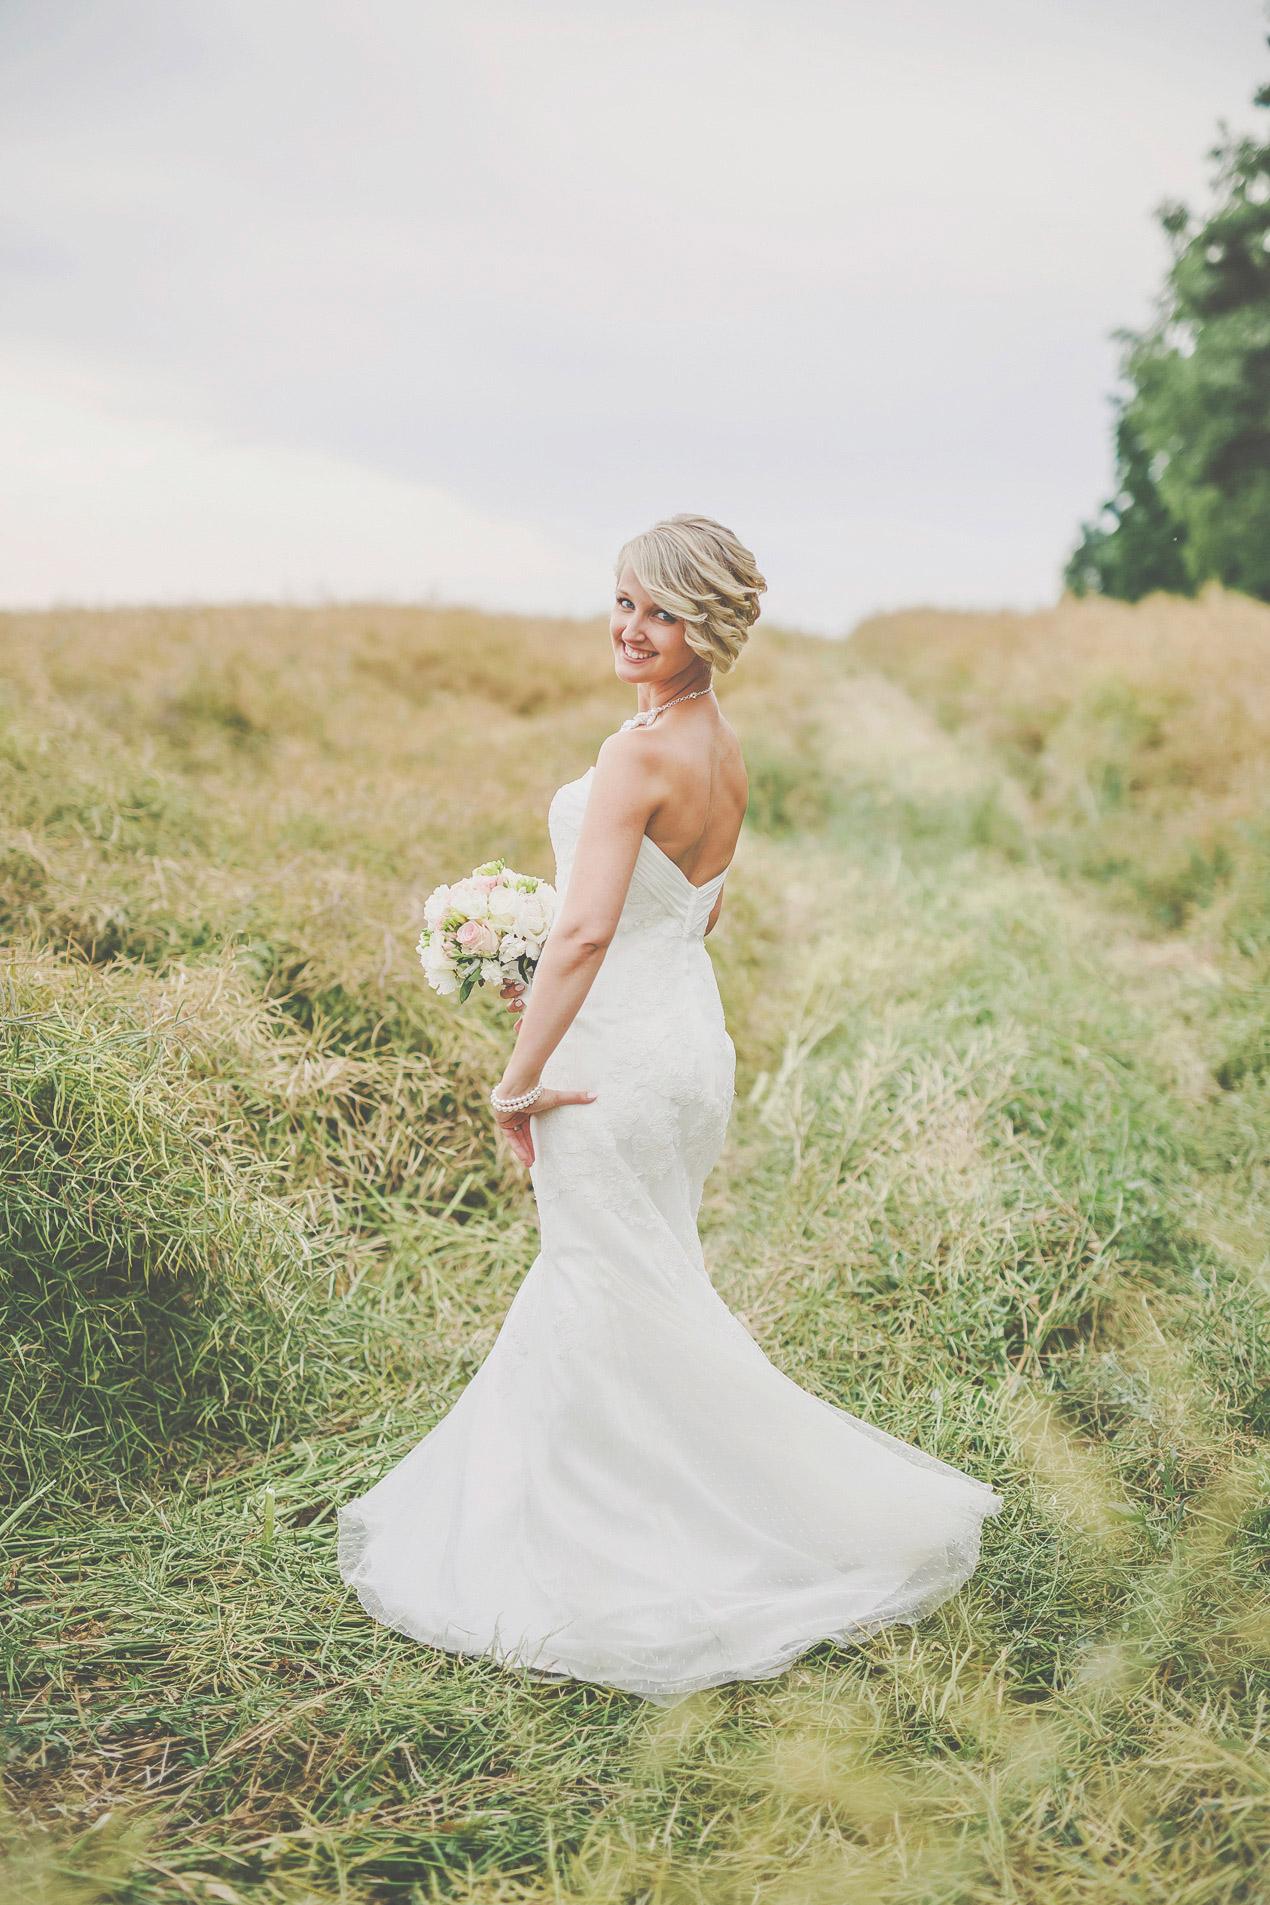 Palac_Brunow_zdjecia-slubne_wedding-photo_Hochzeitsfotografie_panna_mloda